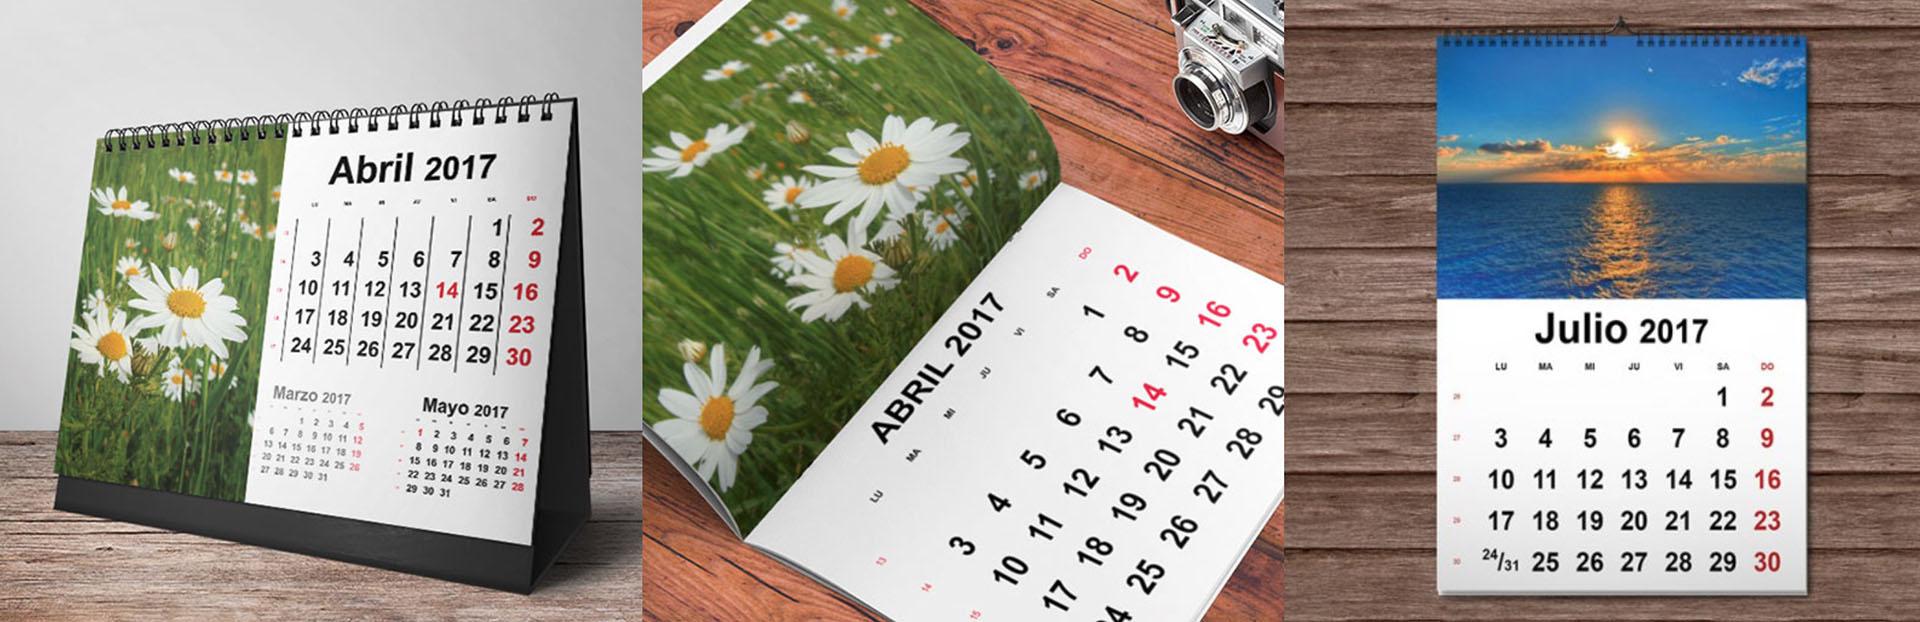 Calendario 2017 InDesign